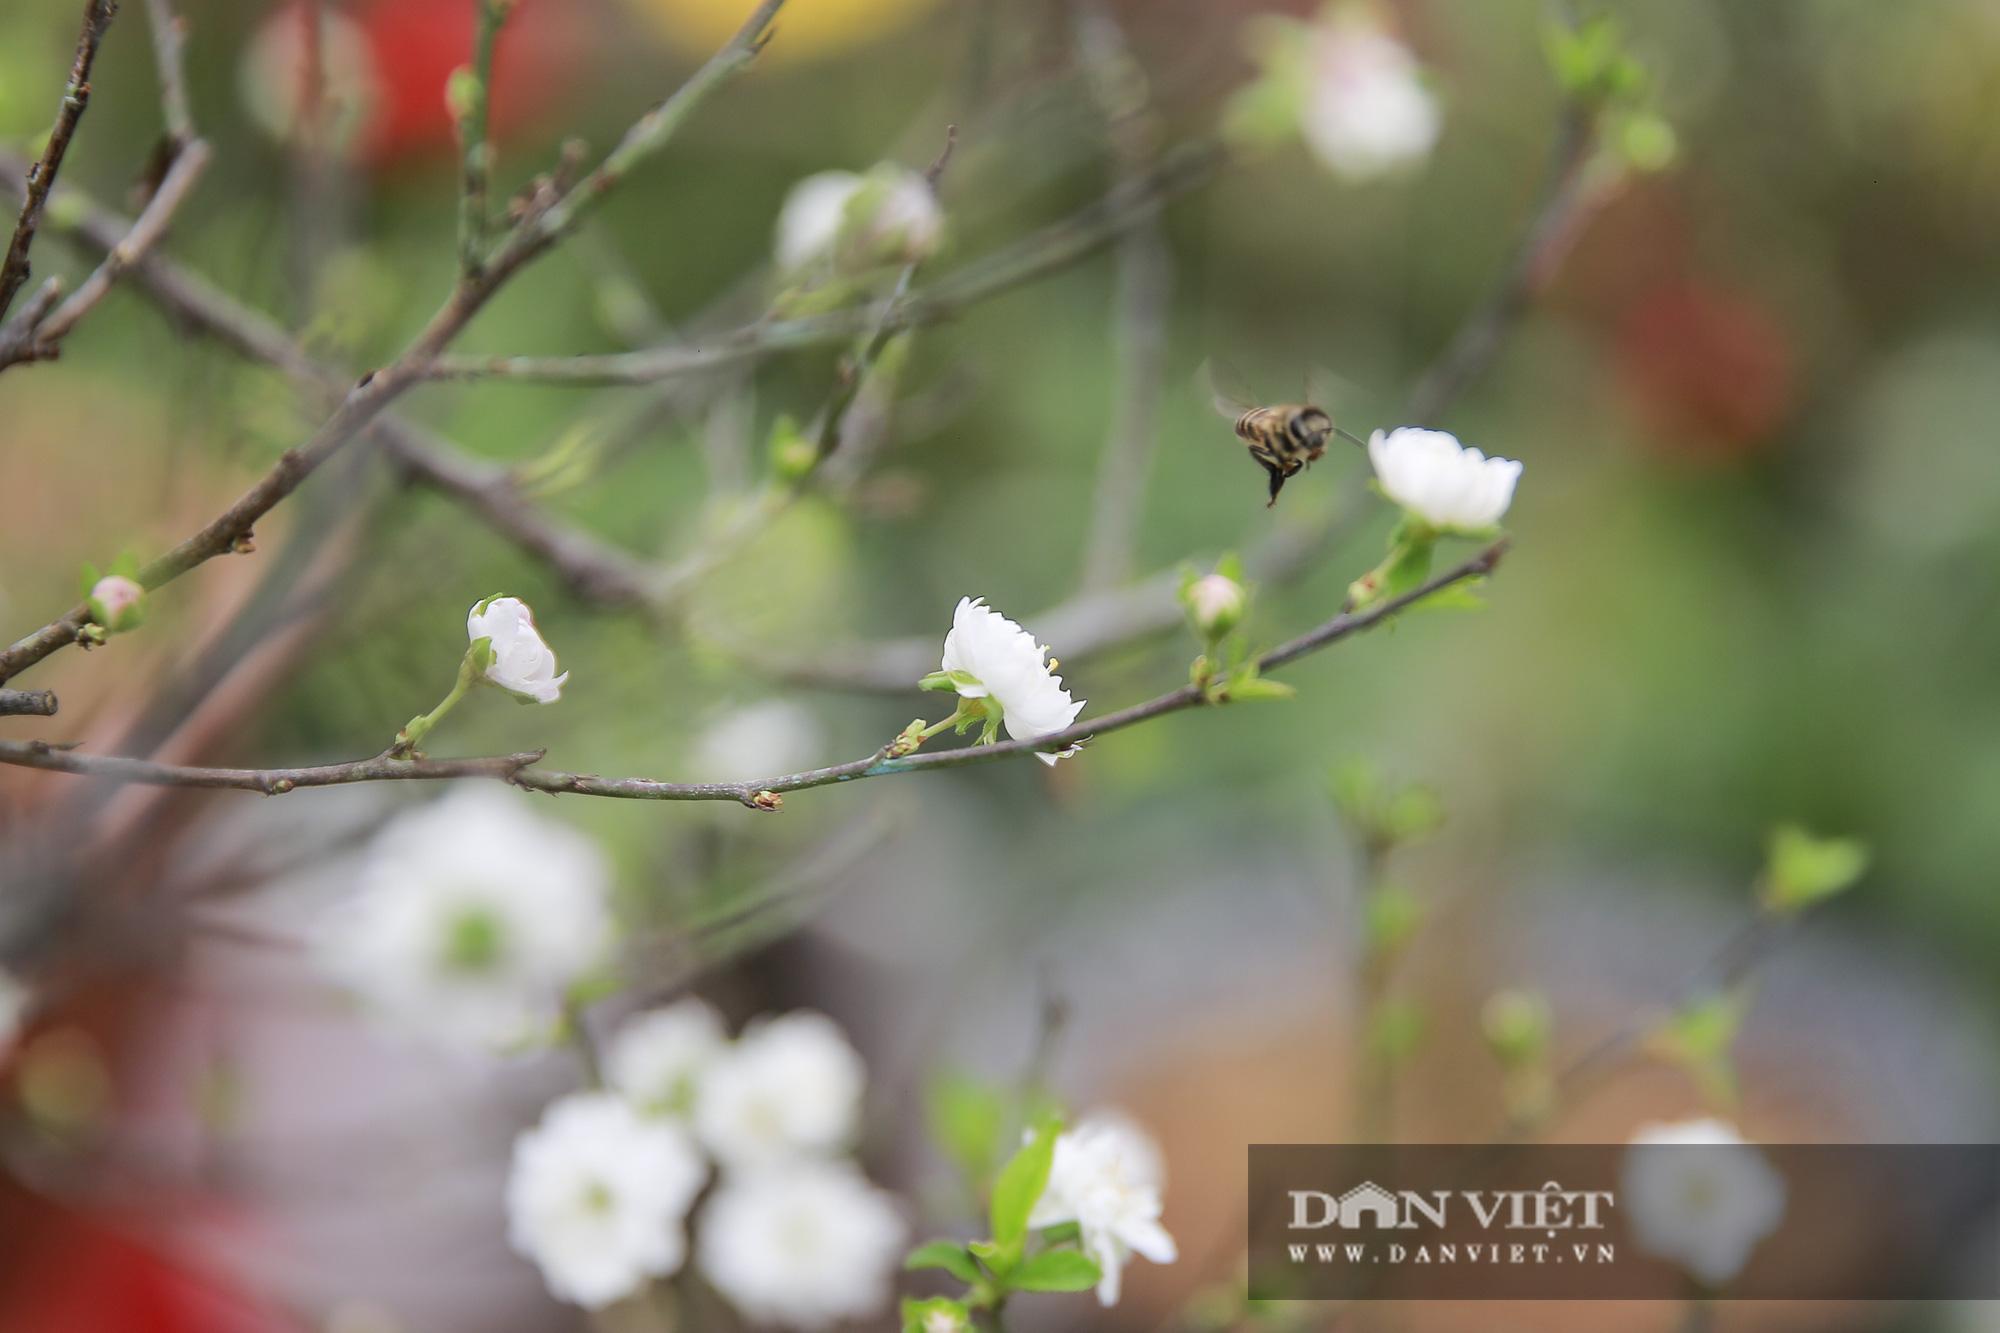 """Loài cây quý hiếm để trong nhà là """"sang"""" hút khách dịp Tết Nguyên đán - Ảnh 4."""